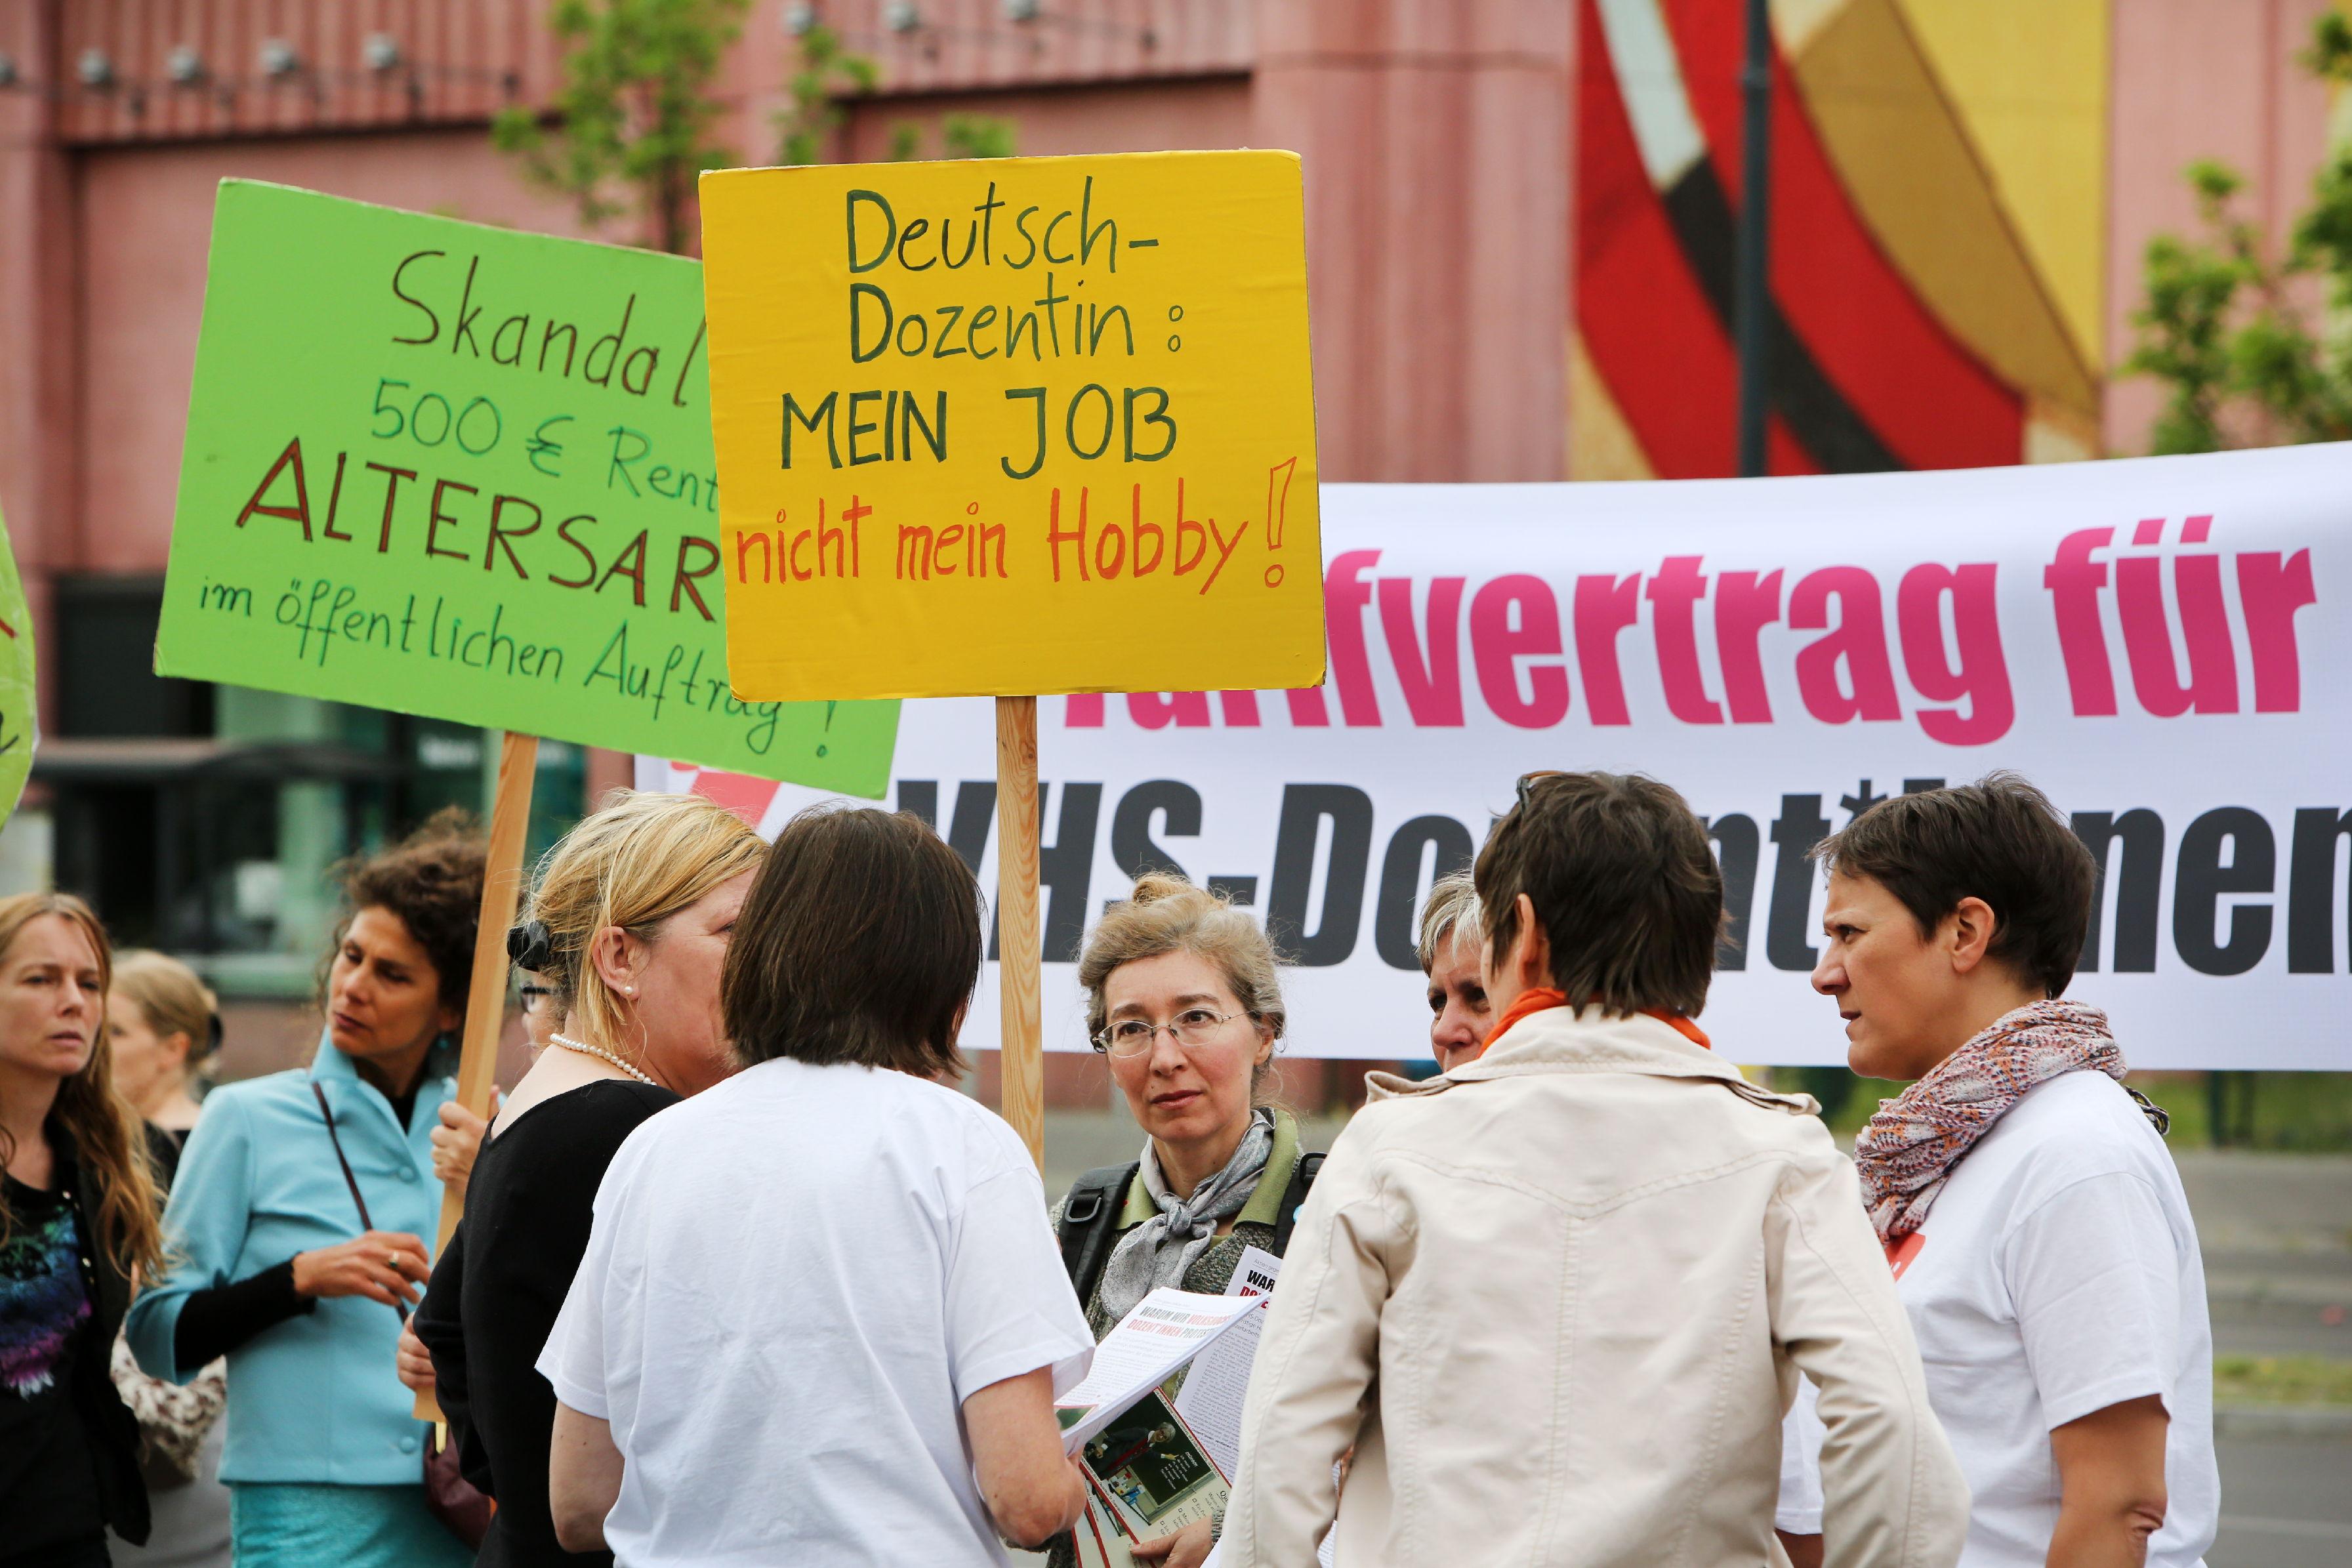 Berlin, 09.06.2016 VHS Dozenten und Dozentinnen demonstrieren vor dem Tagungsort des Deutschen Volkshochschultages (BCC am Alexanderplatz) für eine angemessene Bezahlung und soziale Absicherung. Die Protestaktion wurde von ver.di und GEW organisiert. C o p y r i g h t : C h r i s t i a n v. P o l e n t z / t r a n s i t f o t o . d e T o r s t r a s s e 1 7 7 , 1 0 1 1 5 B e r l i n T e l : 0 3 0 - 6 9 0 4 1 9 7 0 , F a x : 0 3 0 - 6 9 0 4 1 9 7 2 F u n k - T e l : 0 1 7 1 -8 3 4 8 9 3 9 V e r ö f f e n t l i c h u n g n u r g e g e n H o n o r a r ( + 7 % M W S T ) z u d e n a k t u e l l e n K o n d i t i o n e n d e r M F M e r l a u b t. B i t t e s c h i c k e n S i e u n s e i n B e l e g e x e m p l a r z